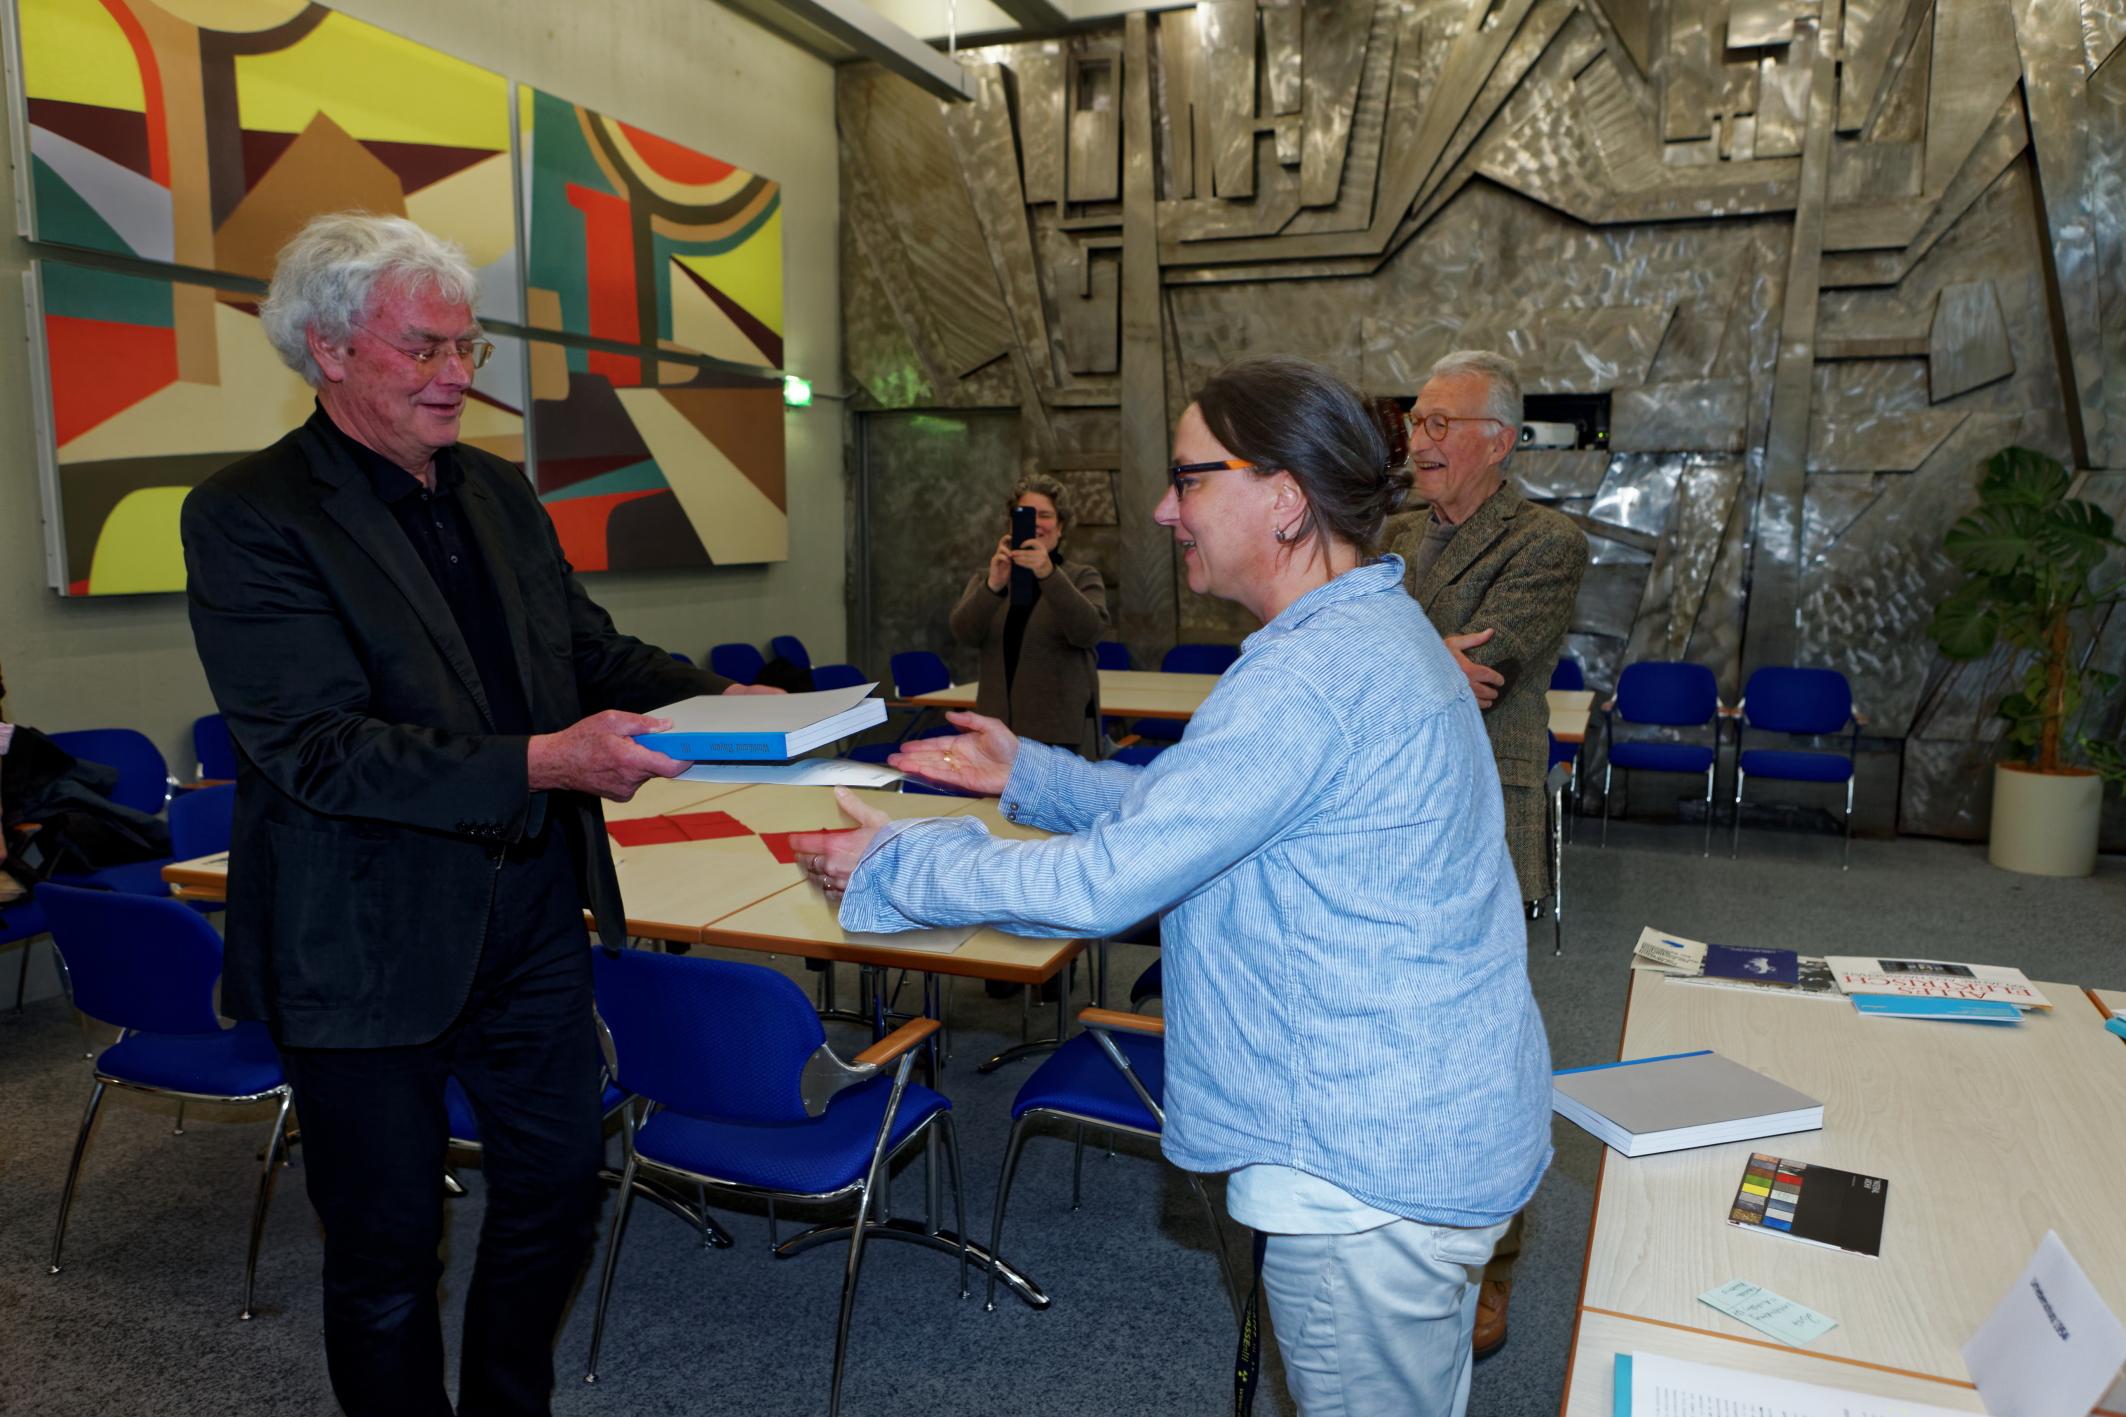 VertreterInnen des DWB Bayern erhalten das Repertorium zum Bestand ED 920 Werkbund Bayern/ IfzArch. Foto: Alexander M. Klotz. Alle Rechte vorbehalten.